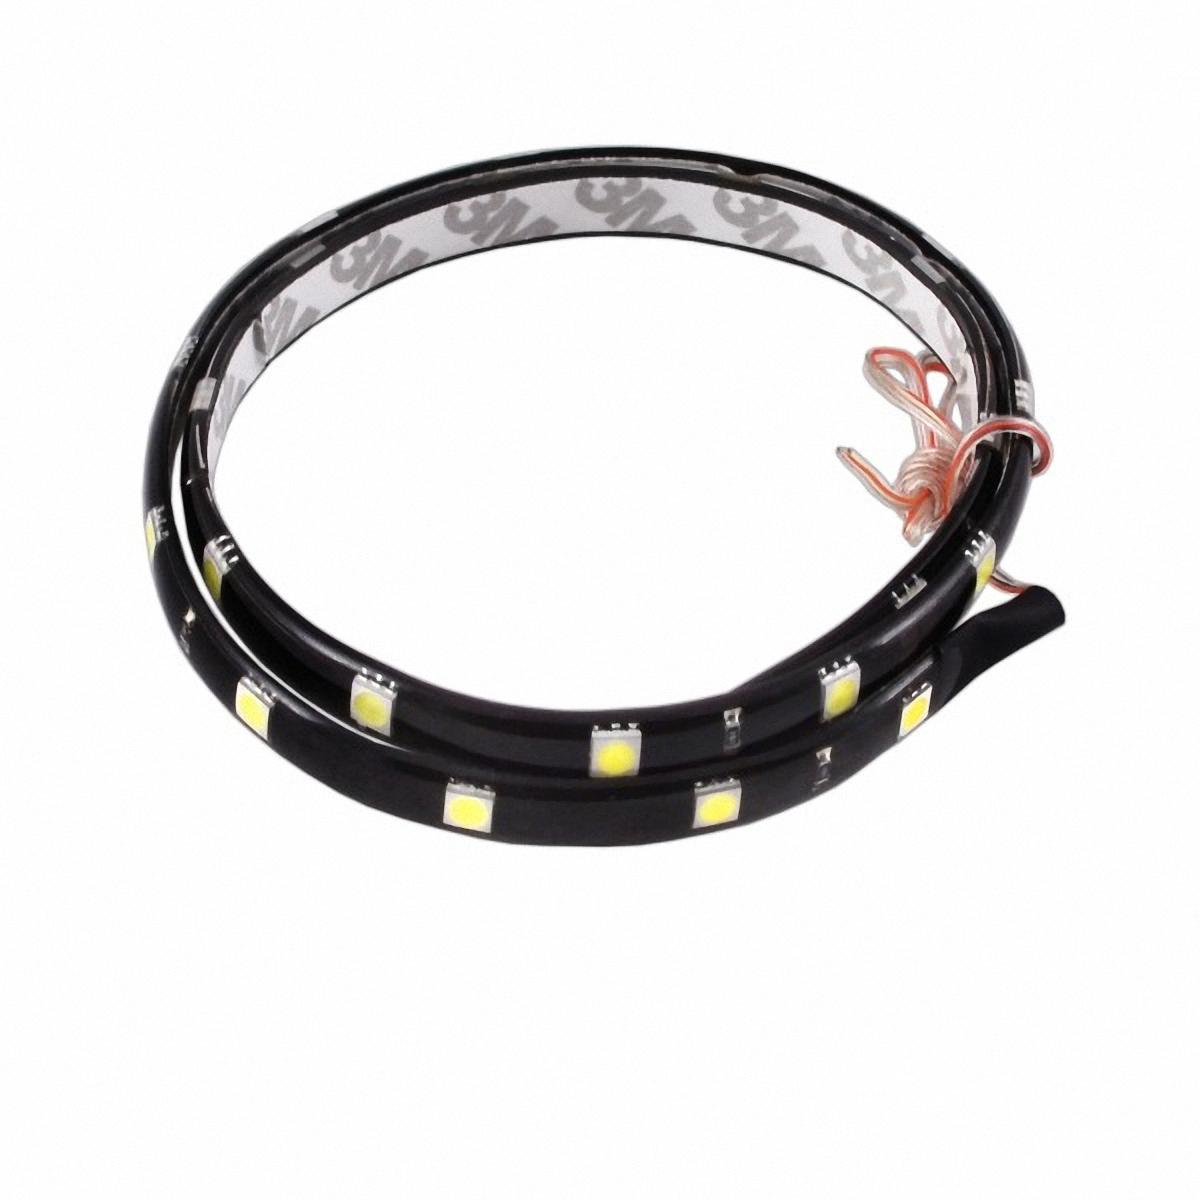 Skyway Лента светодиодная 24 SMD диодов. S03201004S03201004Входное напряжение: 12V. Длина: 60 см. Цвет свечения: белый.